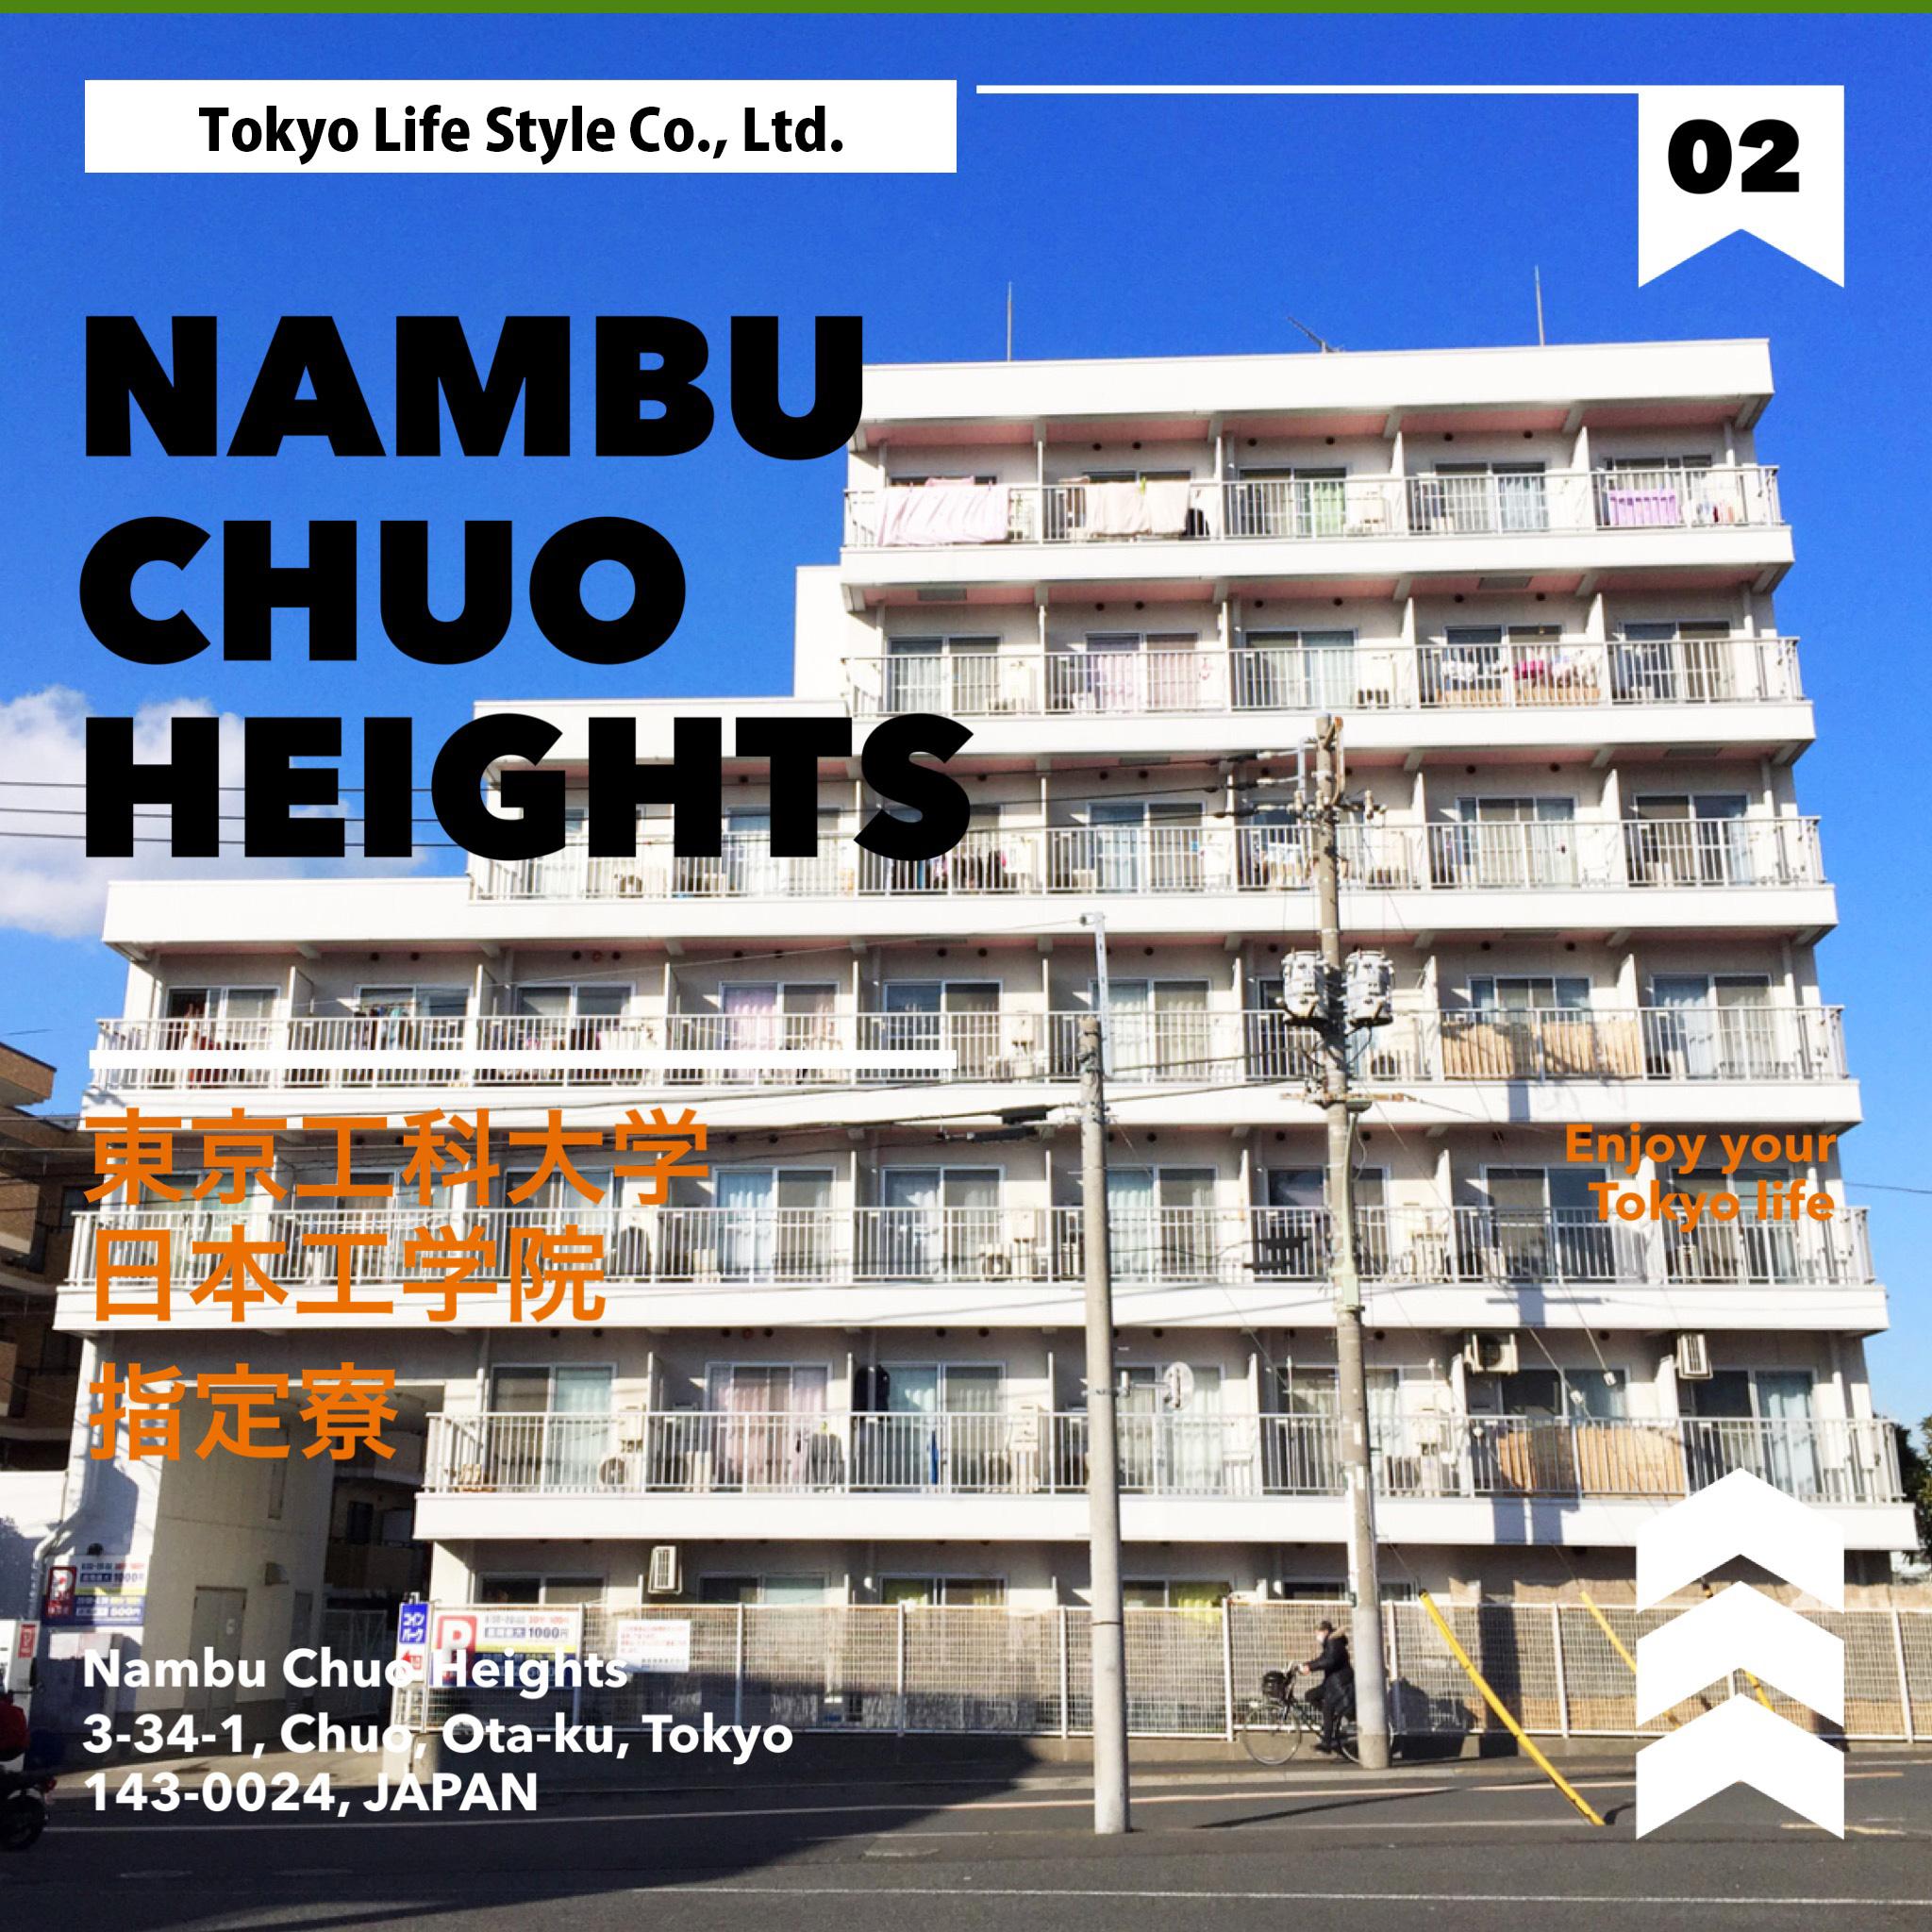 Nambu Chuo Hights